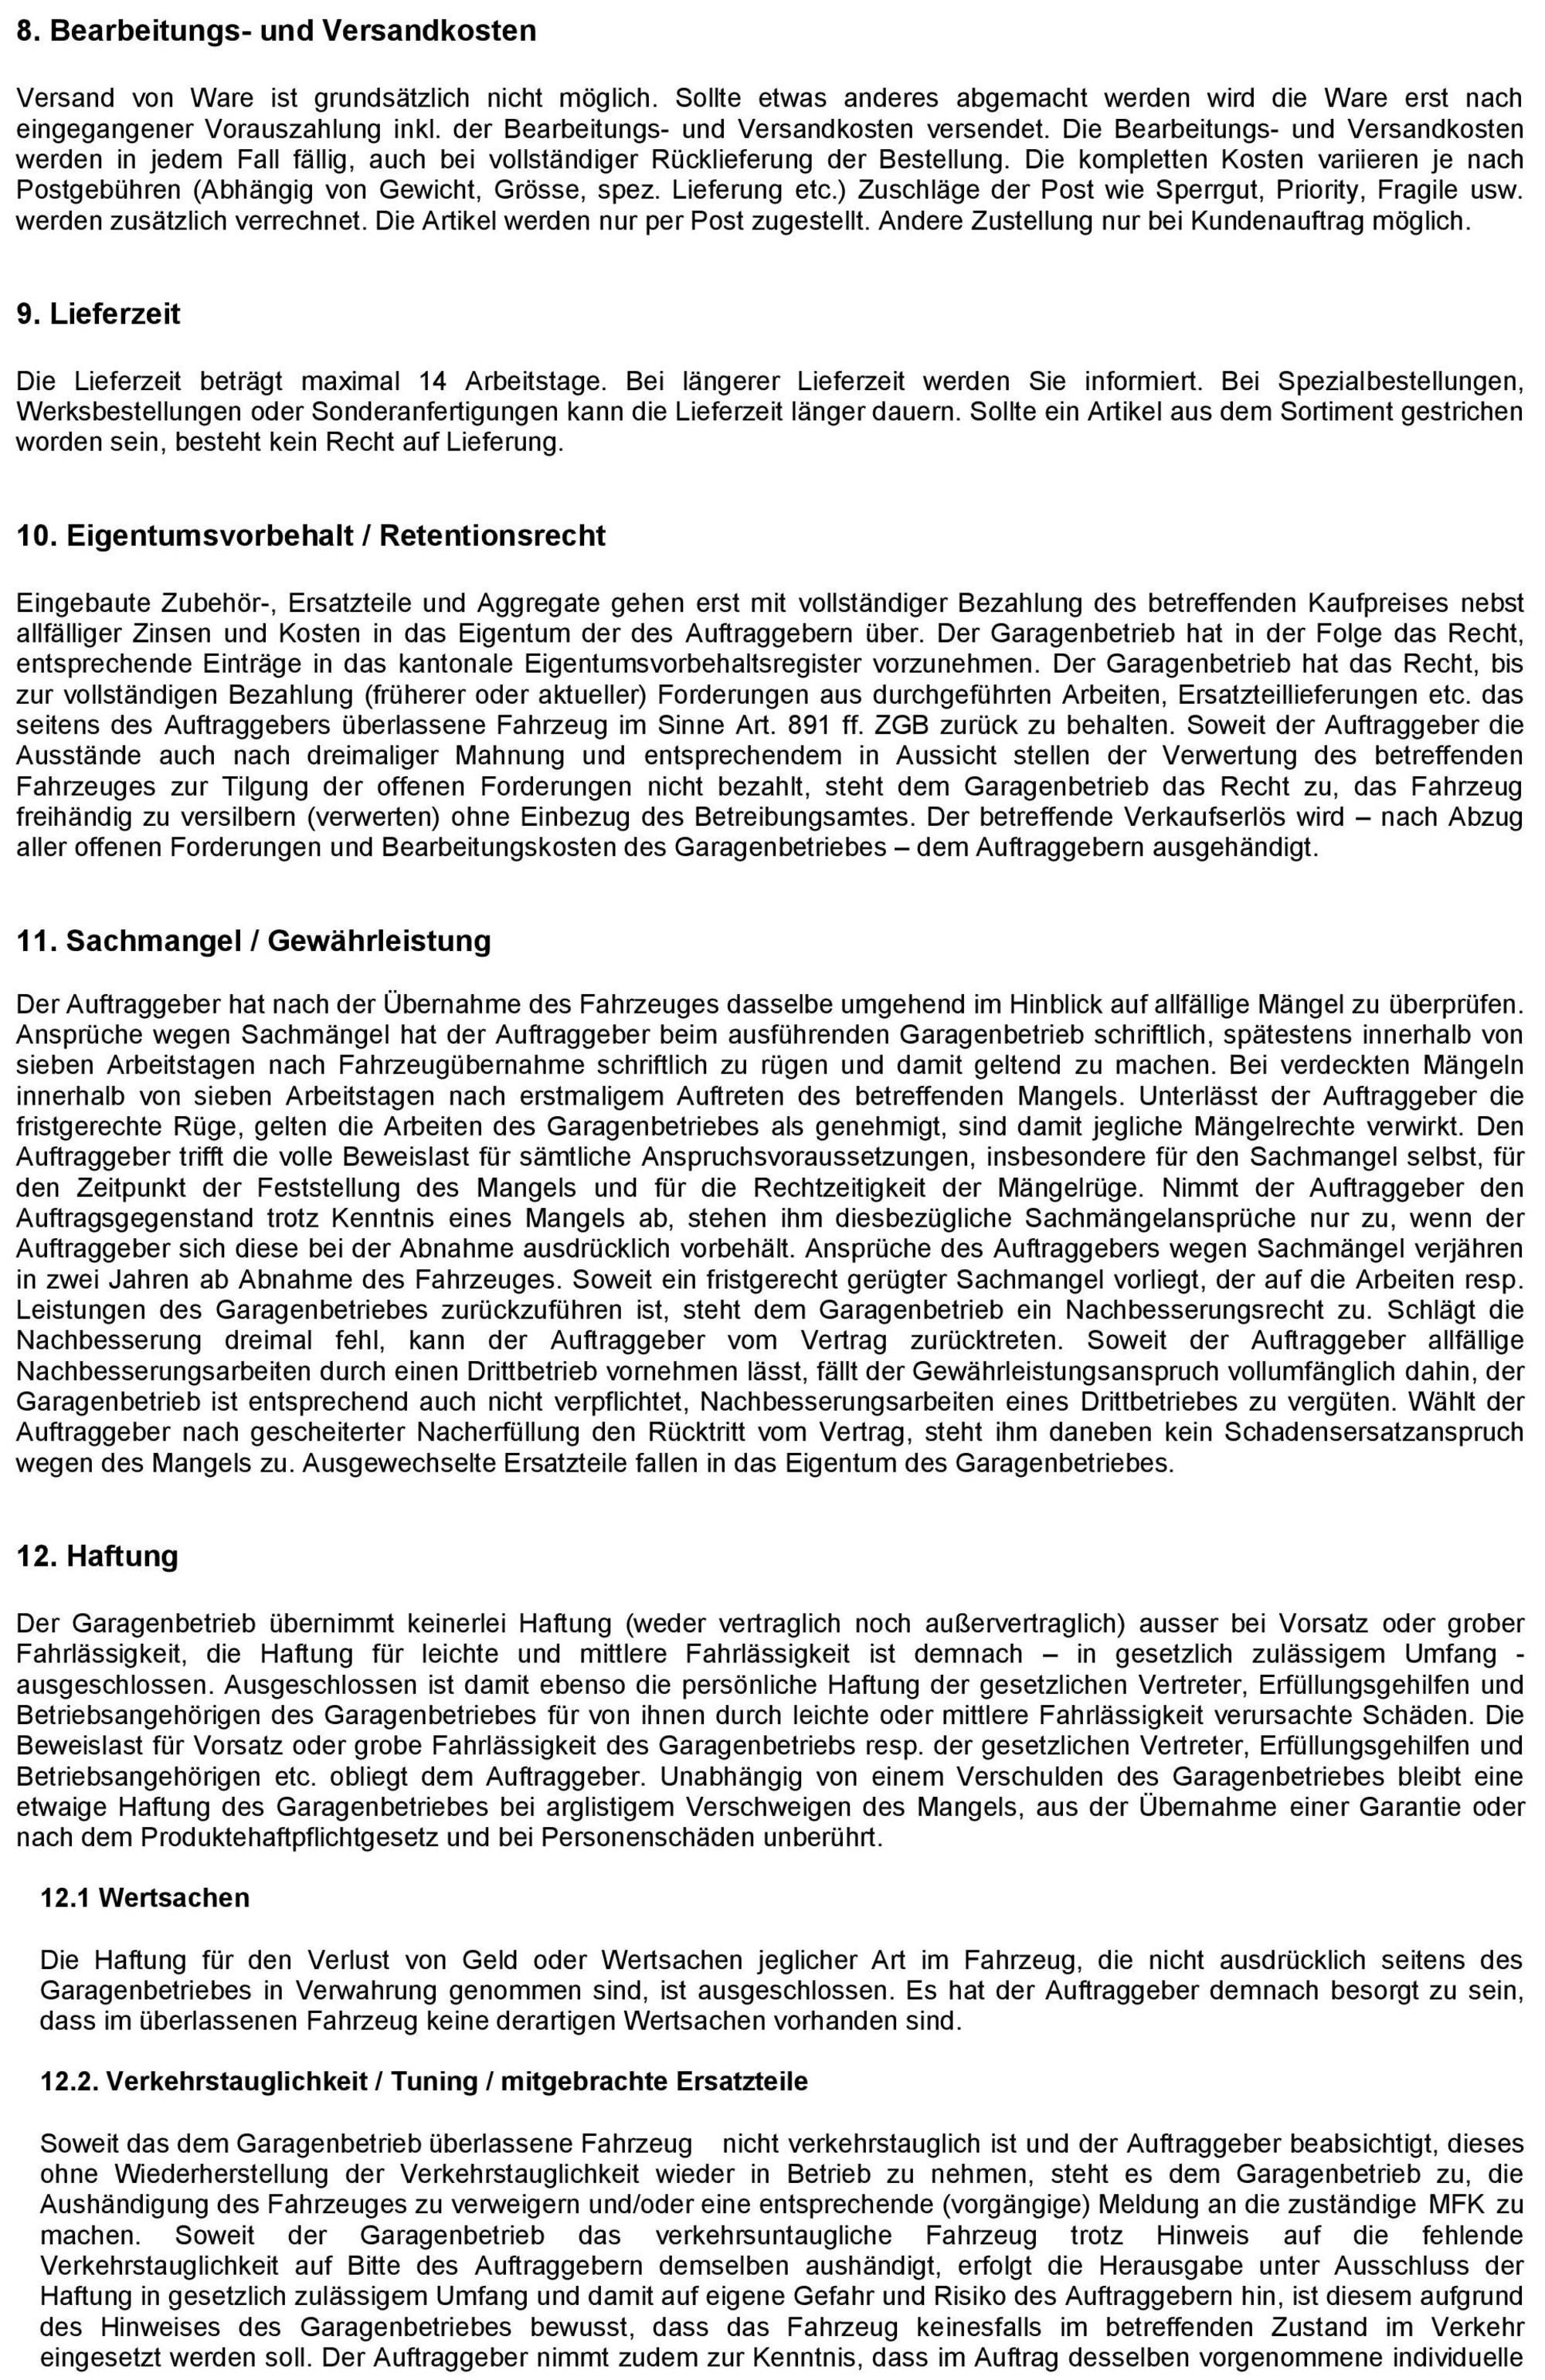 Allgemeine Geschäftbedingungen NEFF AG vom 17.08.2018-page-003